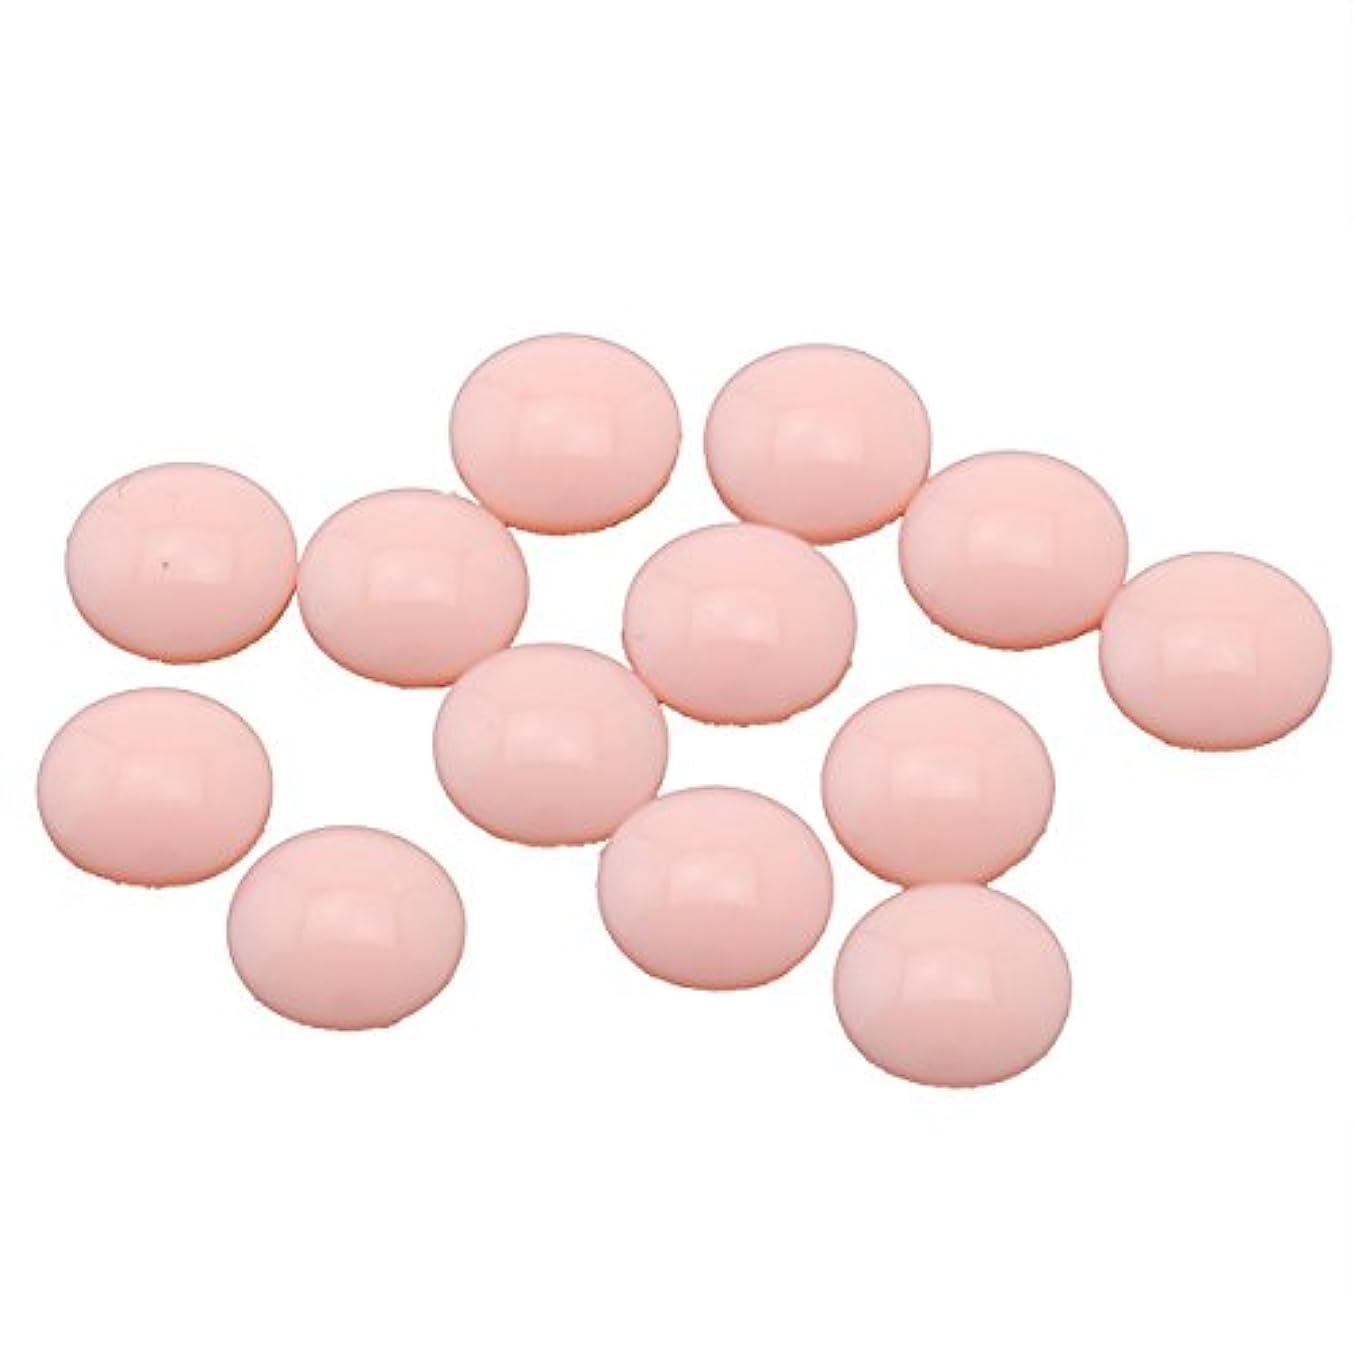 眠る船形革命<エトゥベラ>スモークストーン ラウンド 4mm(各30個) ピンク(4mm)